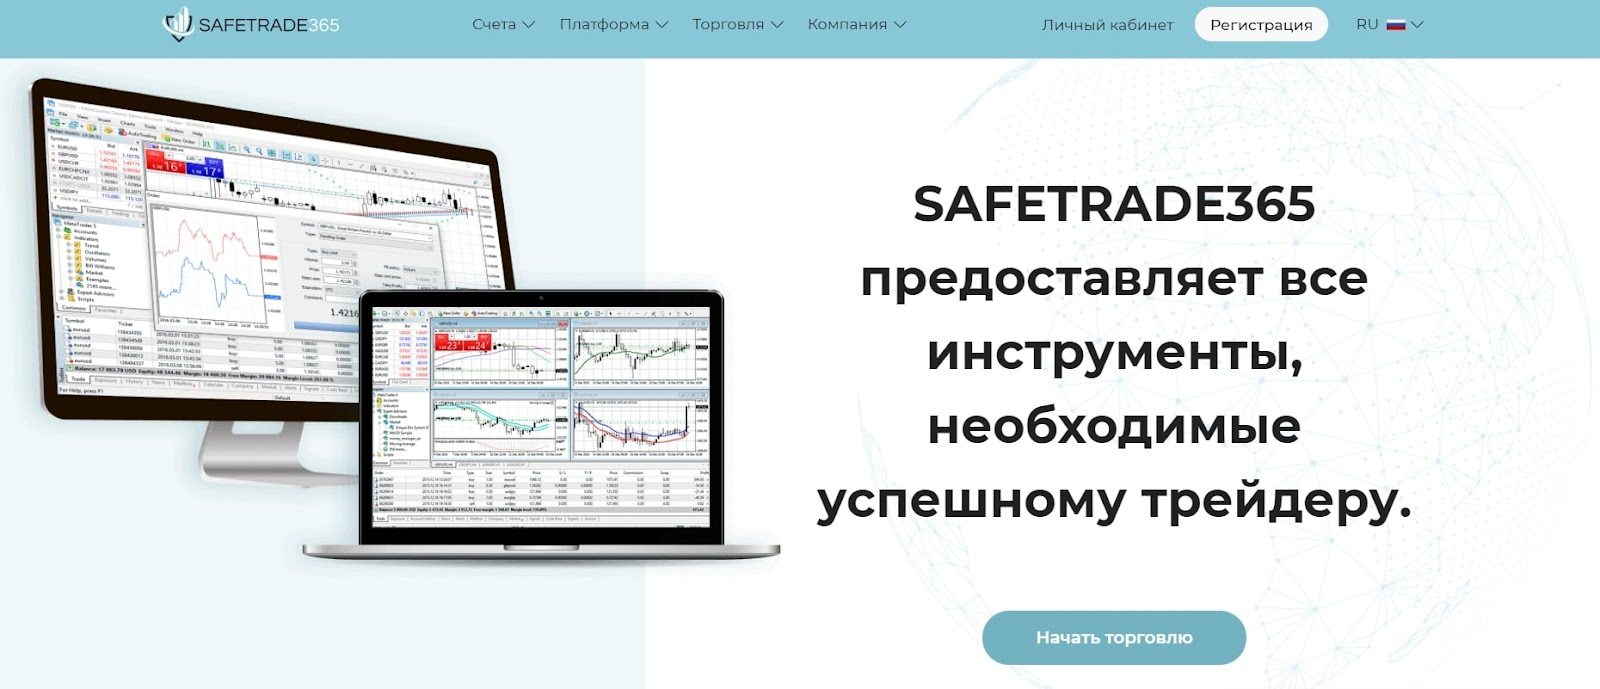 SAFETRADE365: отзывы клиентов и проверка деятельности